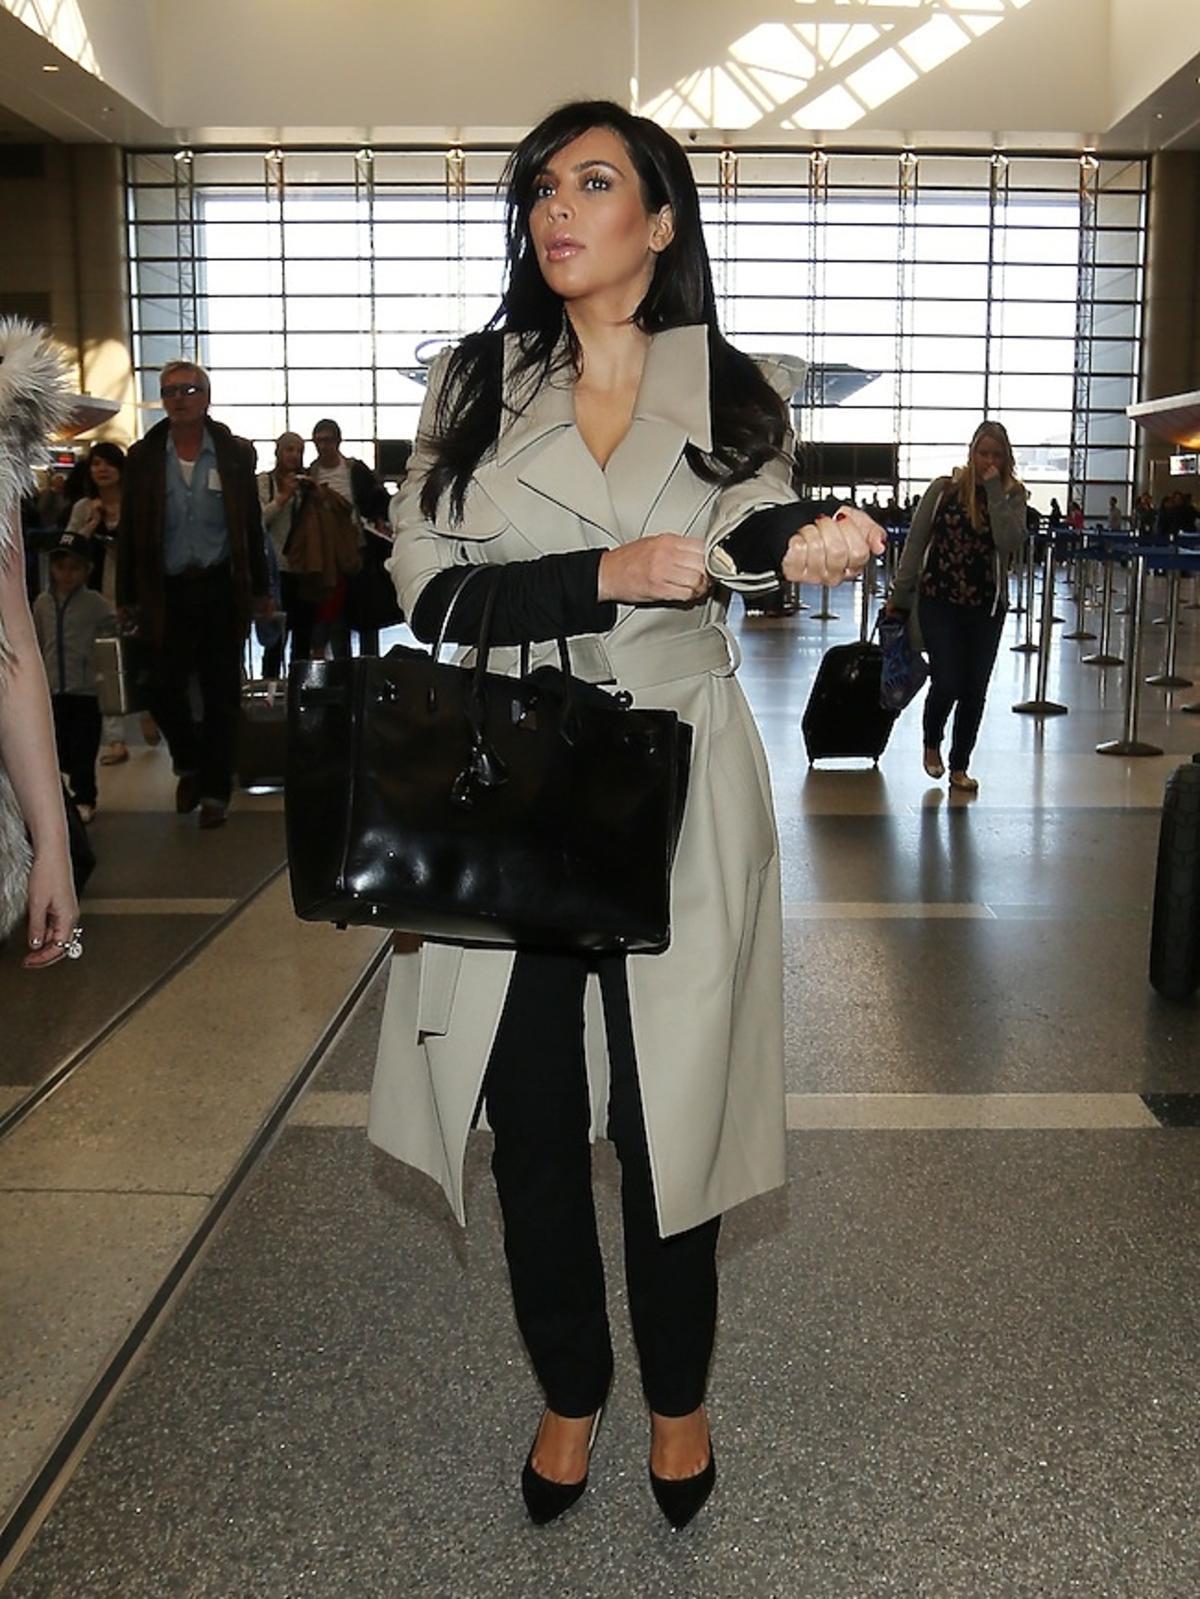 Kim Kardashian w ciąży na lotnisku Lax w Los Angeles